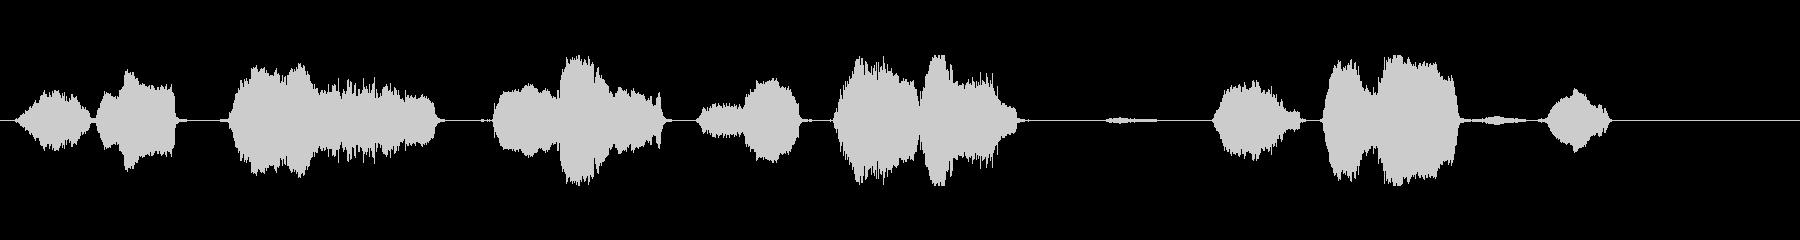 羊、いくつか; Baas、中程度の視点。の未再生の波形